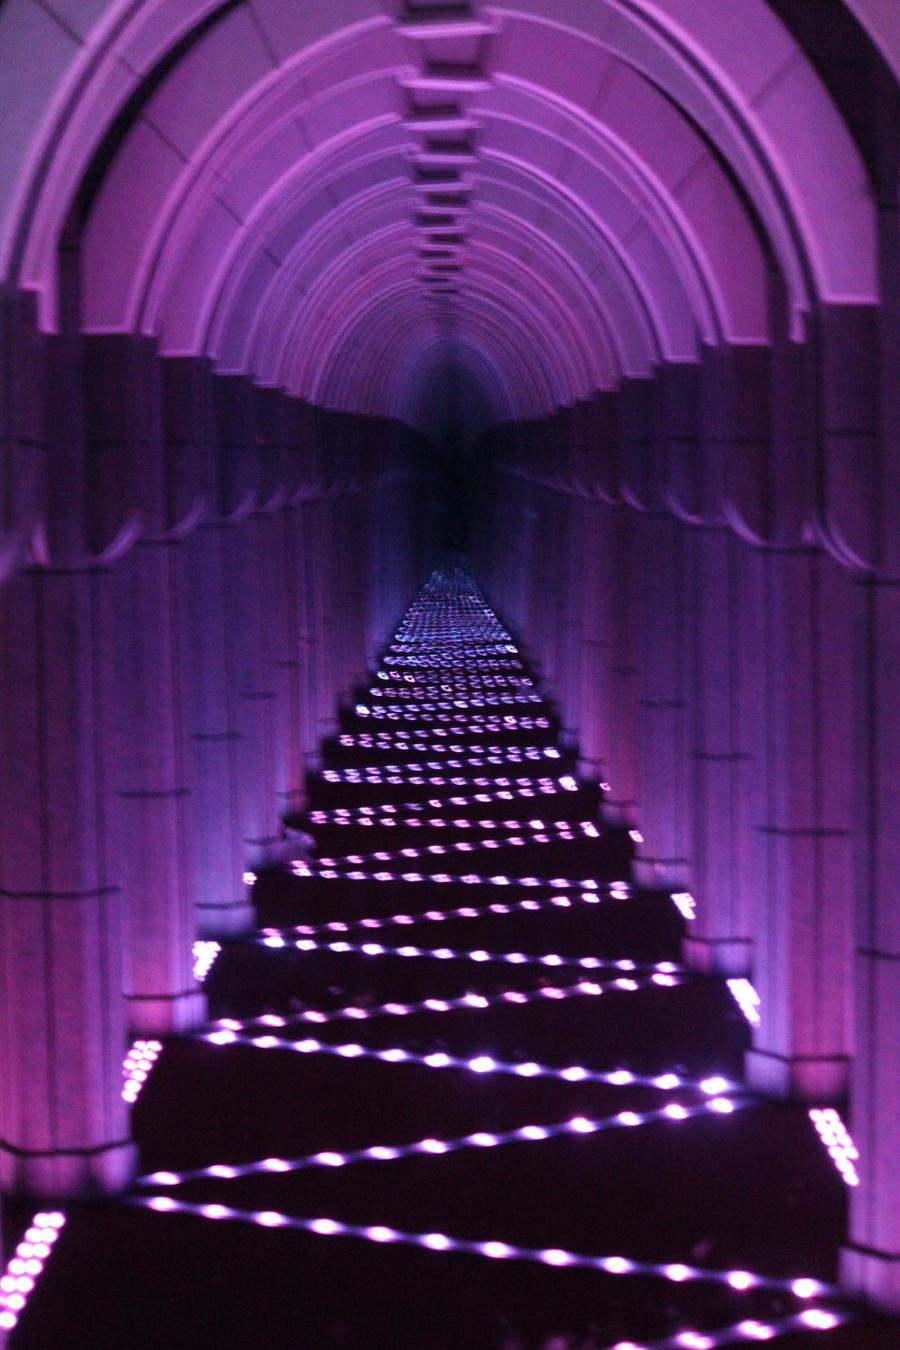 Purple Mirror Maze By Xsn0wfl4kex On Deviantart